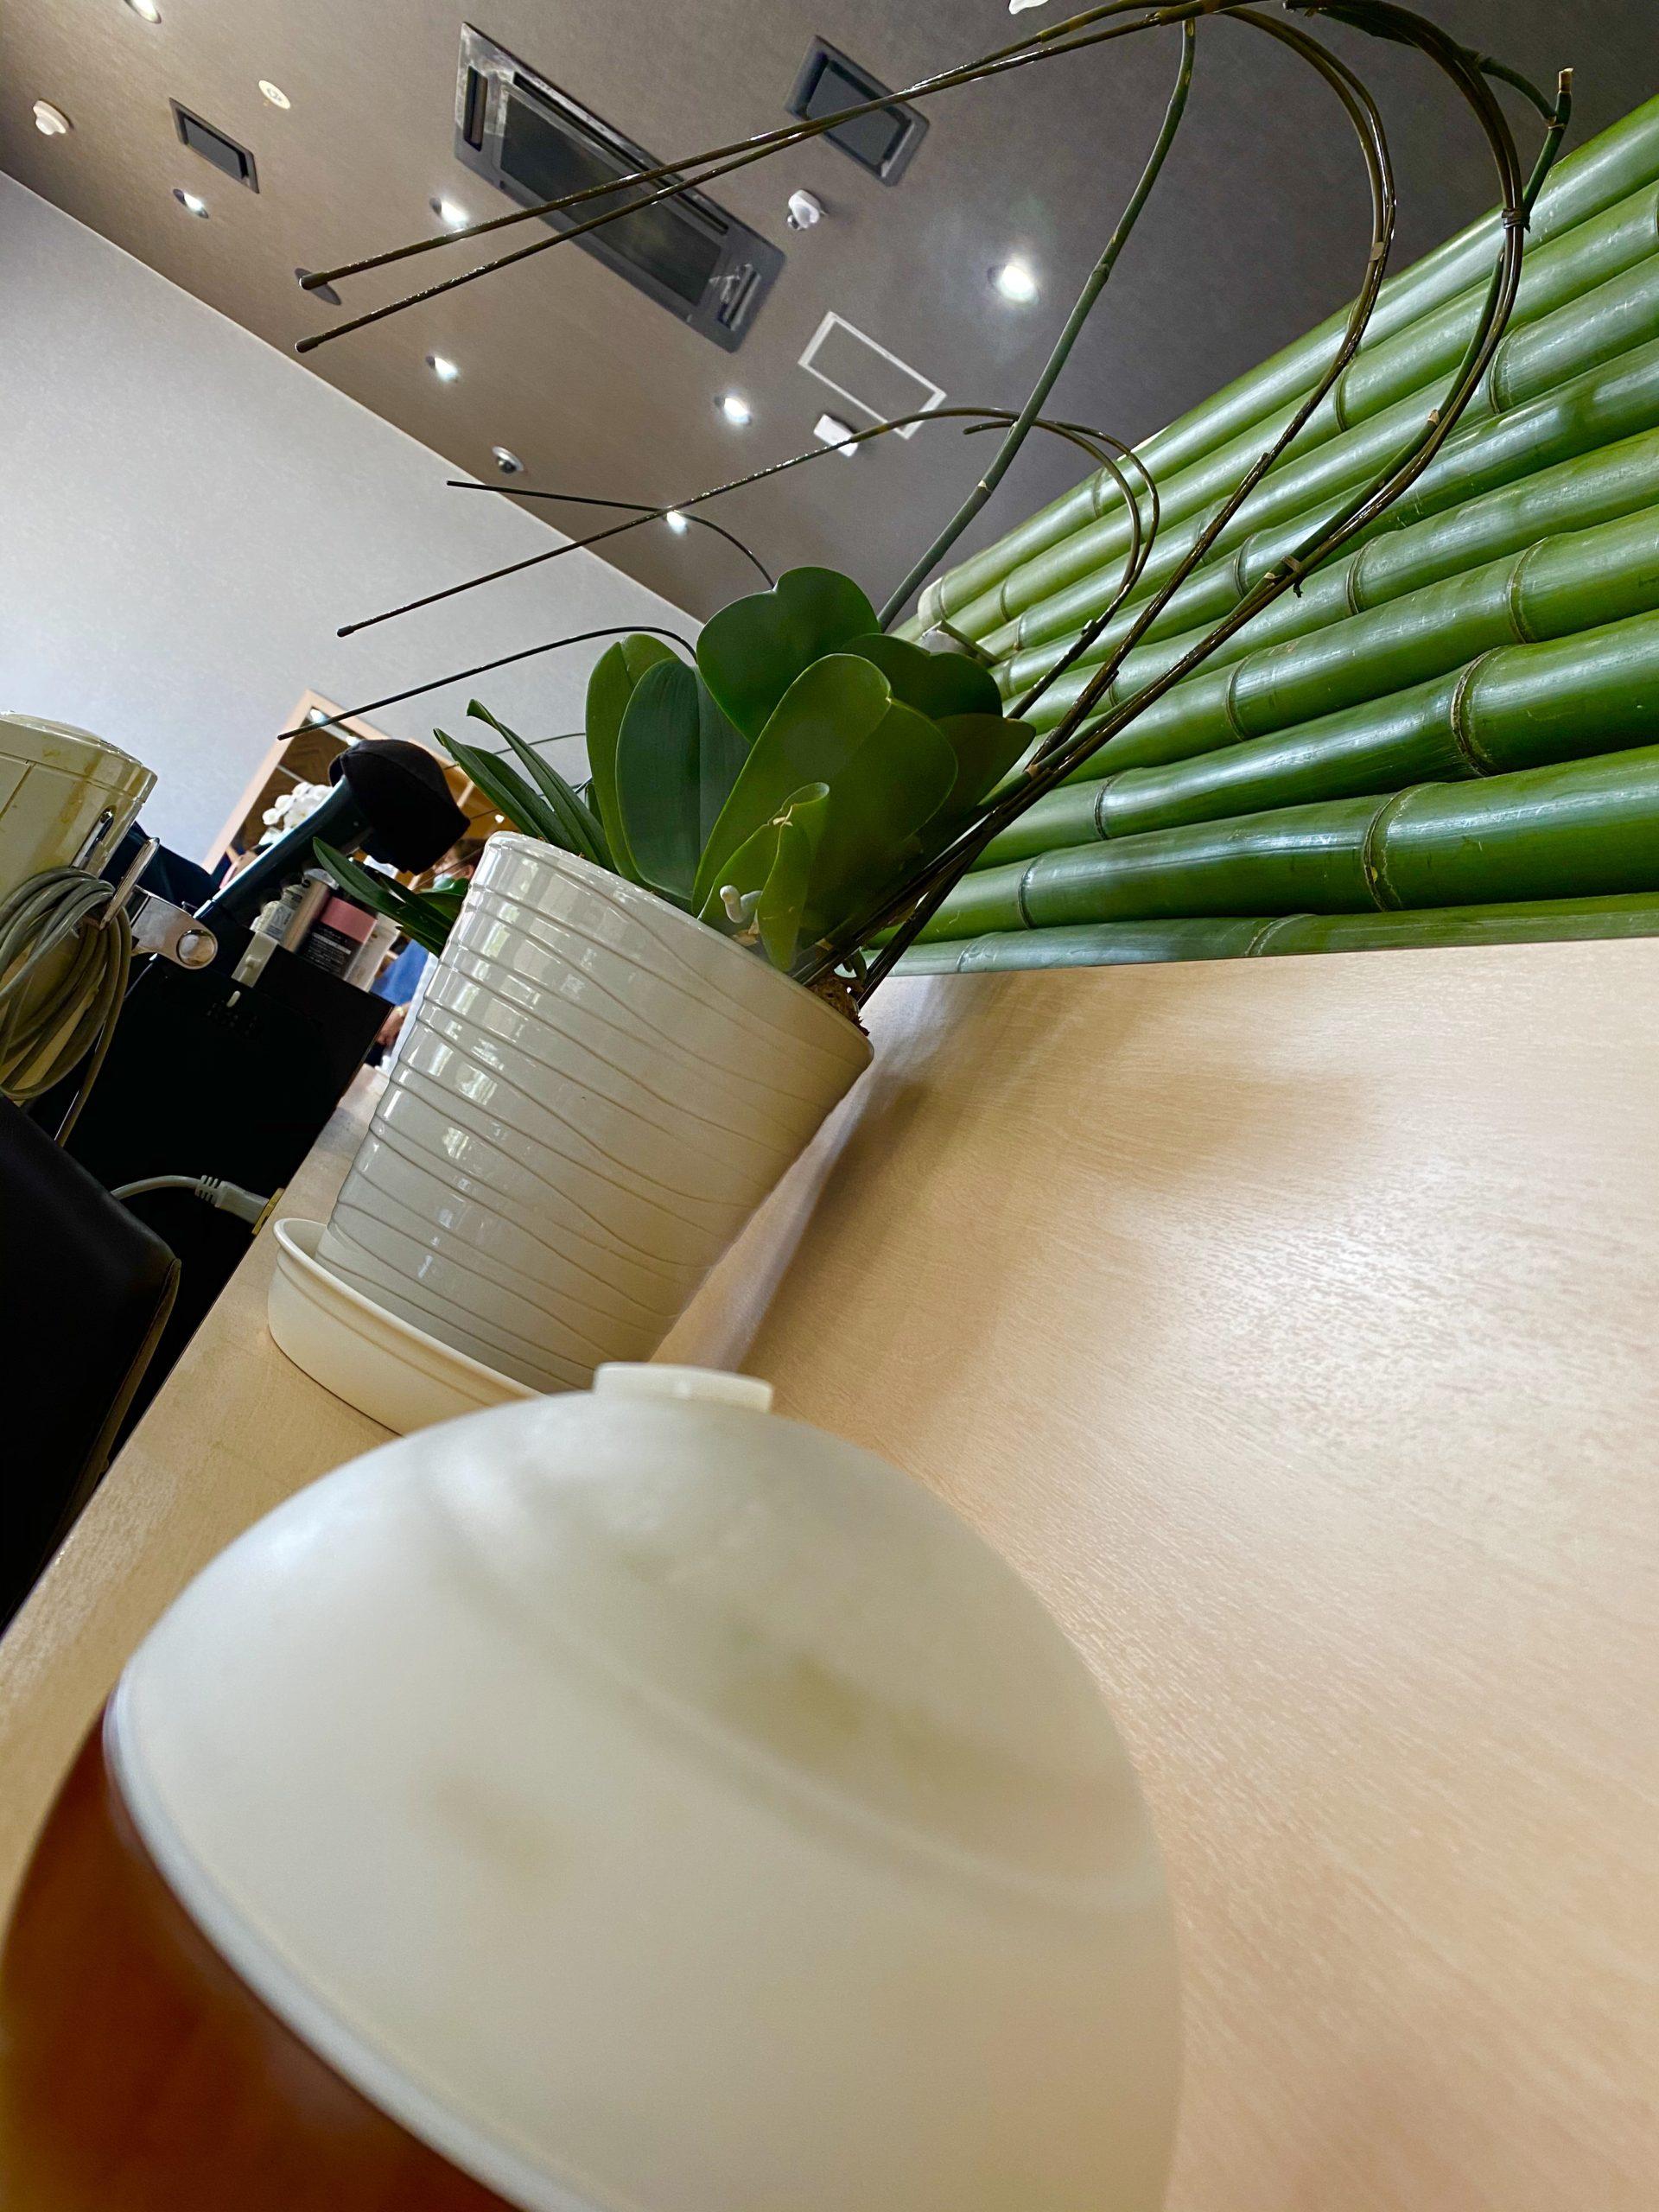 美容室ル・レーヴ浜松船越店での新型コロナウイルス感染予防対策について